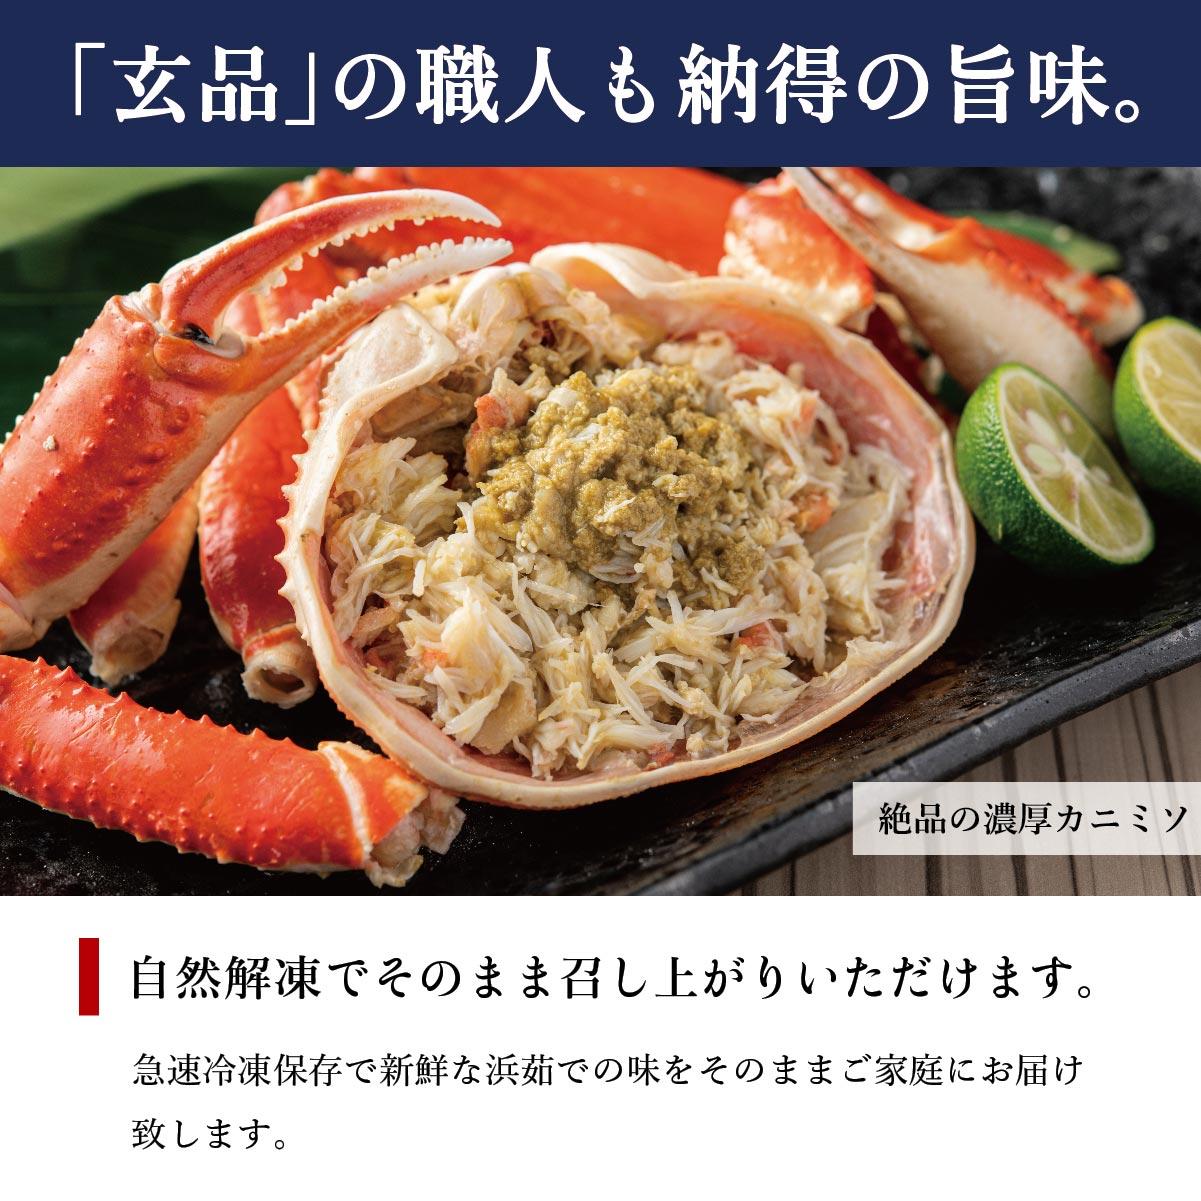 【送料無料】ボイル済ズワイ蟹 姿3尾